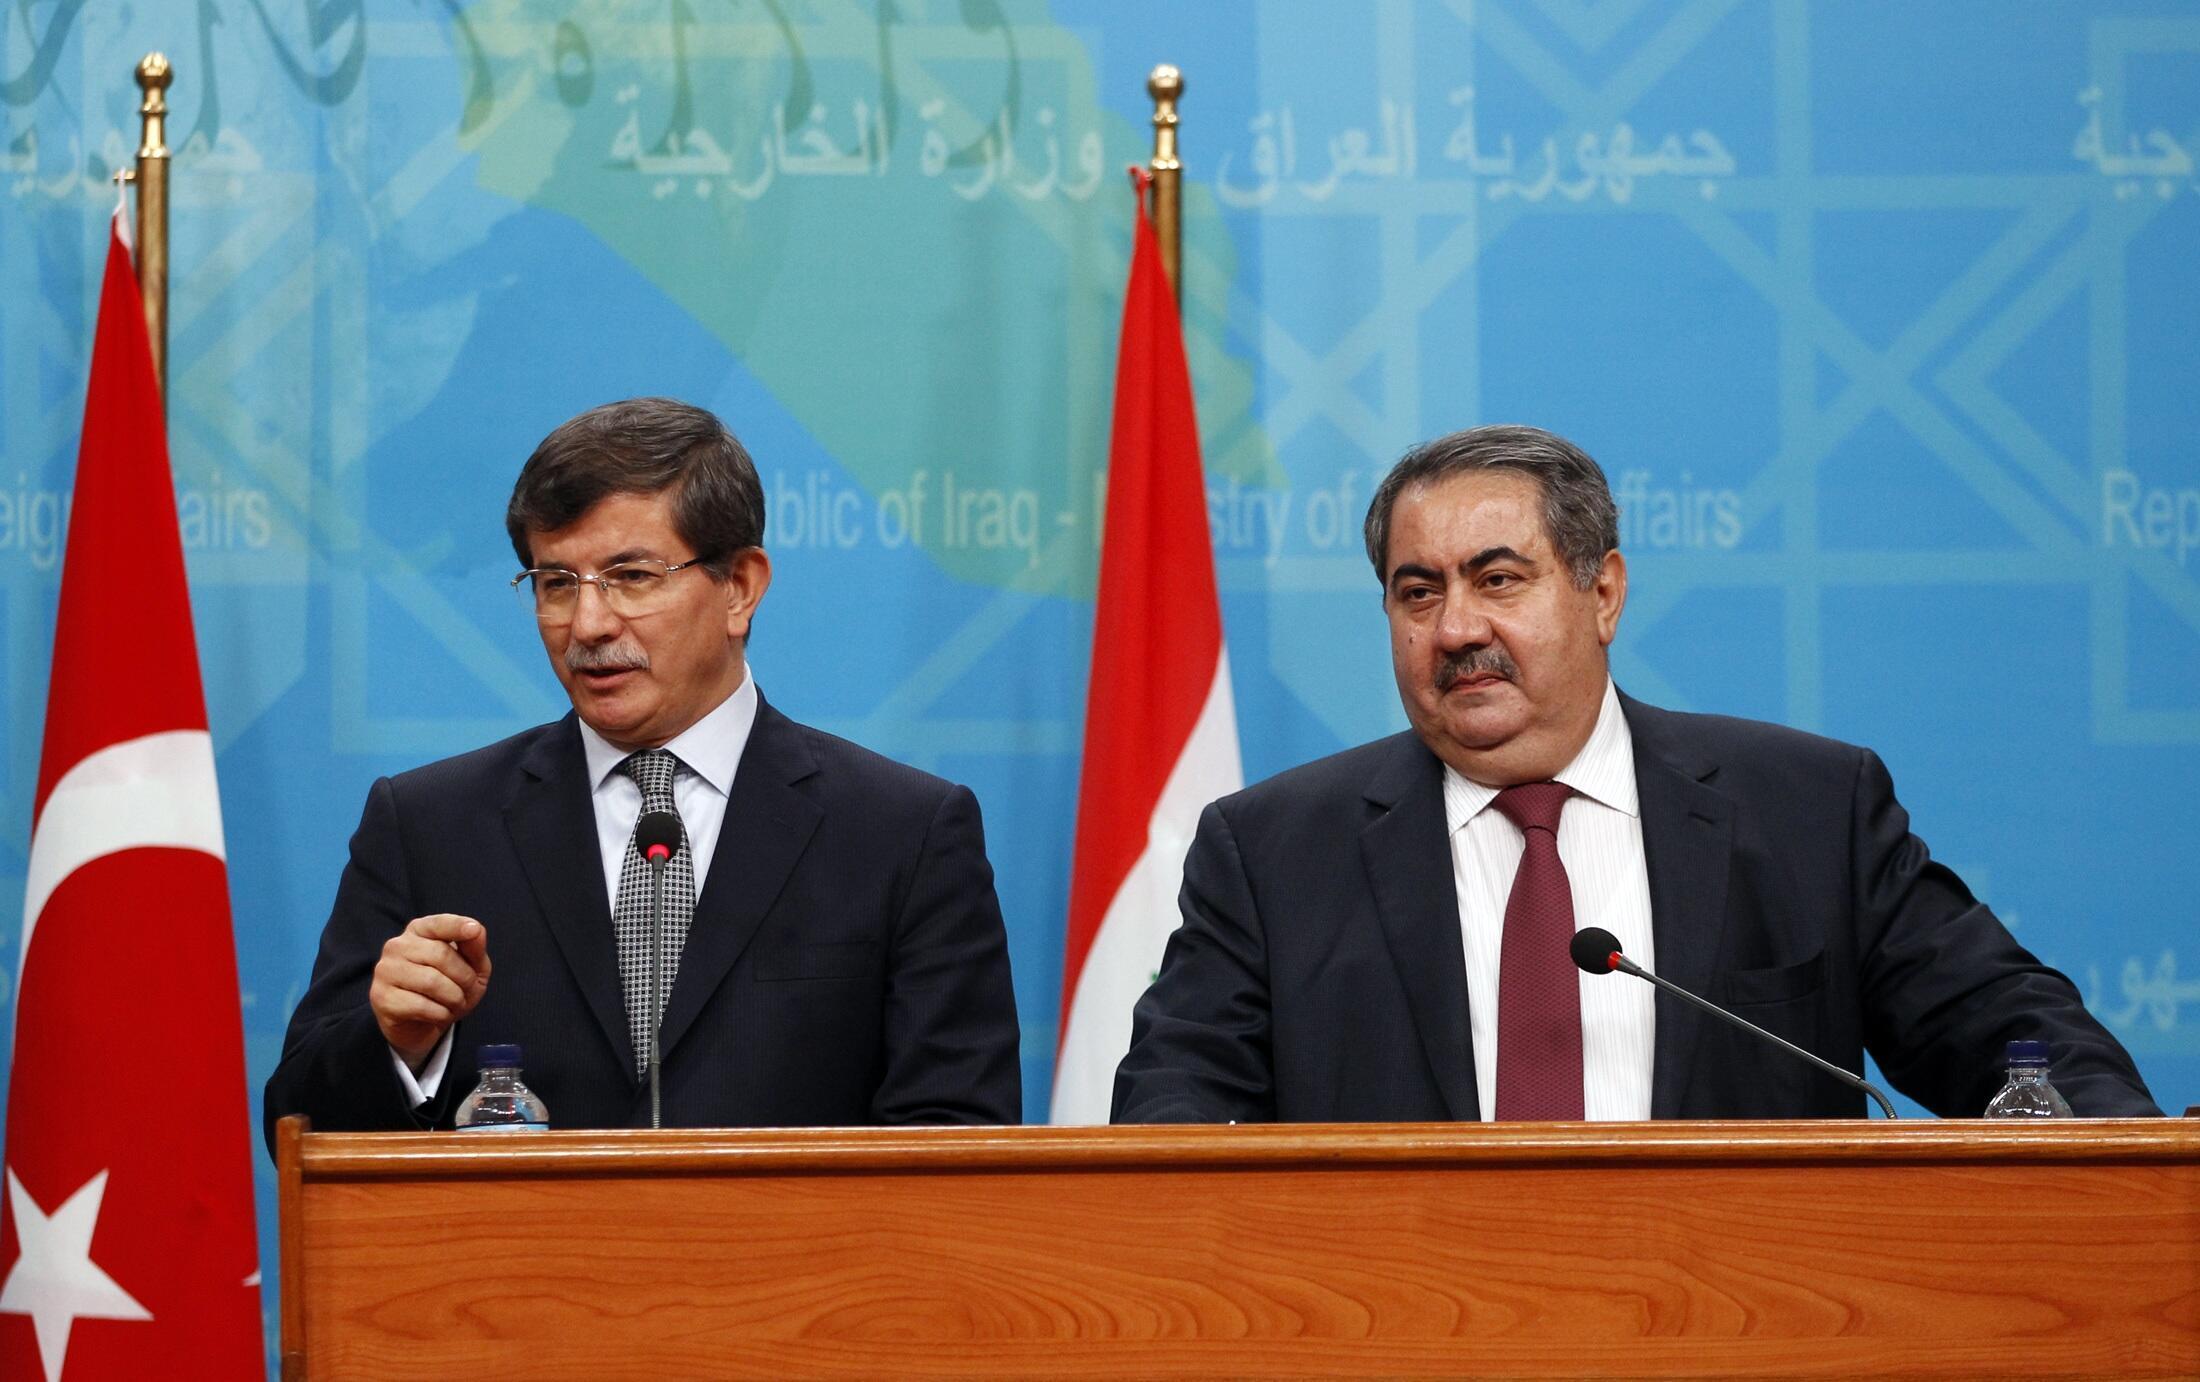 Министры иностранных дел Турции Ахмед Давутоглу (слева) и Ирака Хошияр Зебари на пресс-конференции в Багдаде